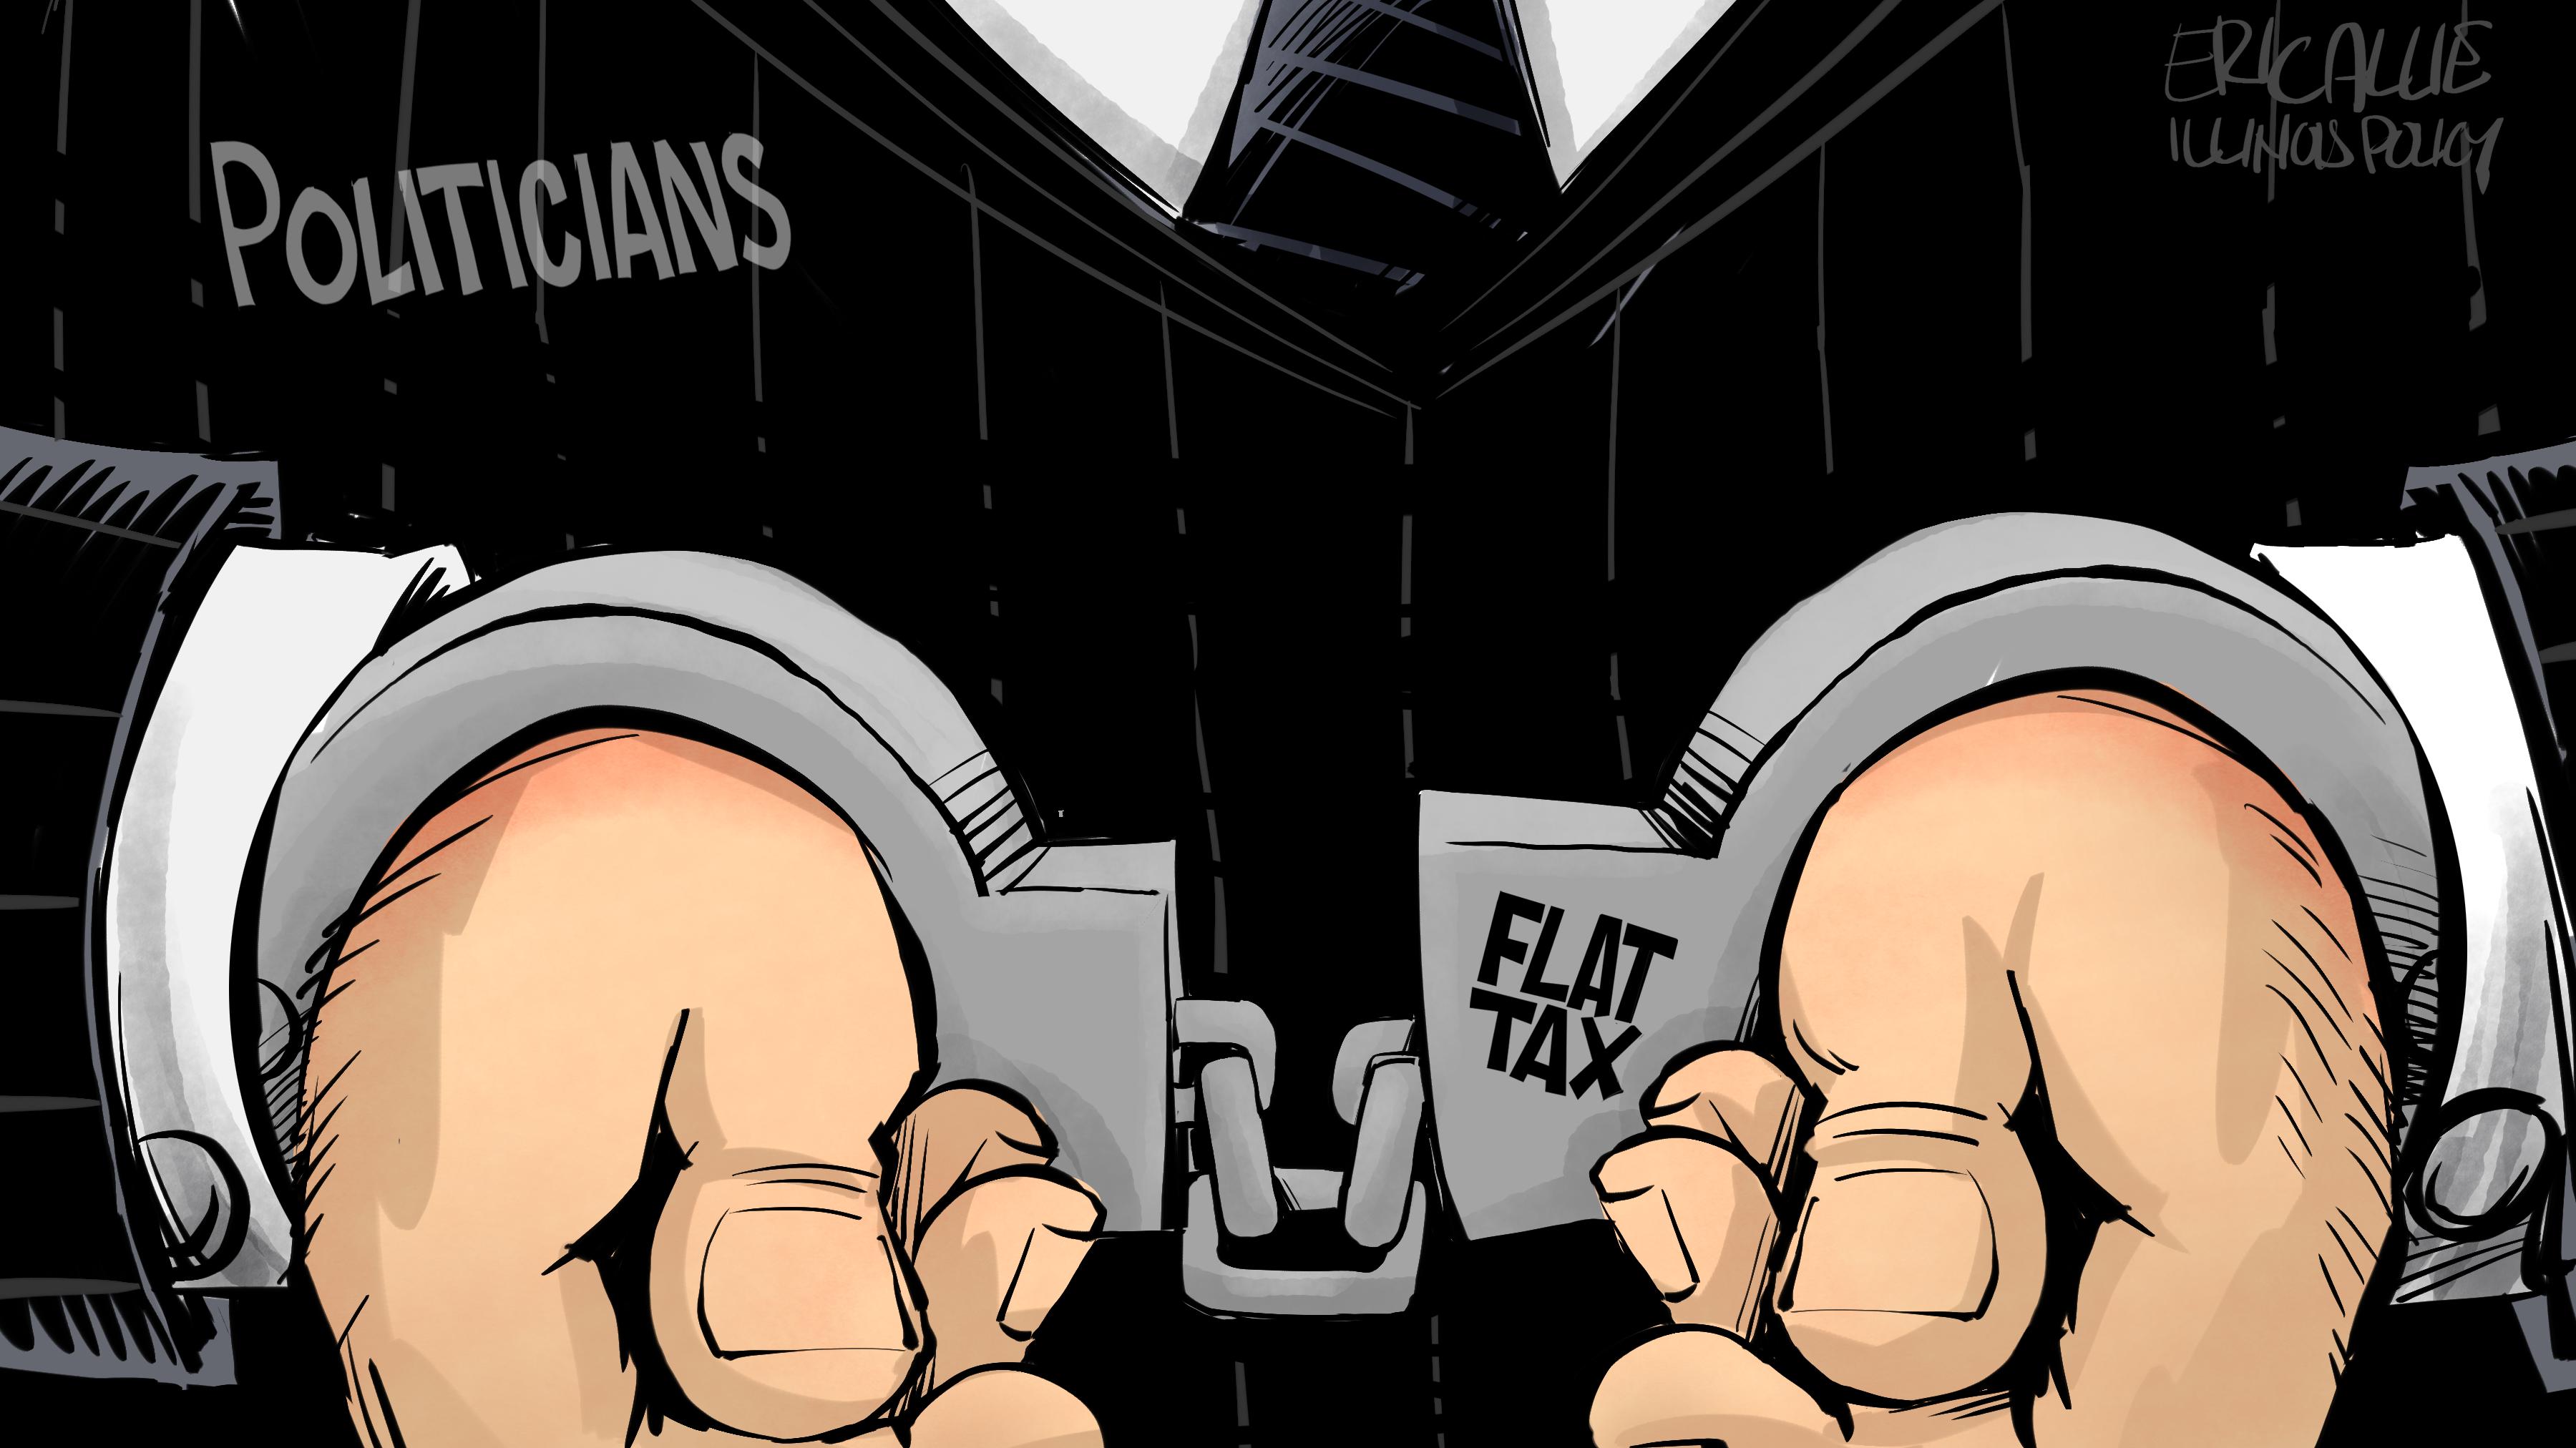 Flat tax handcuffs